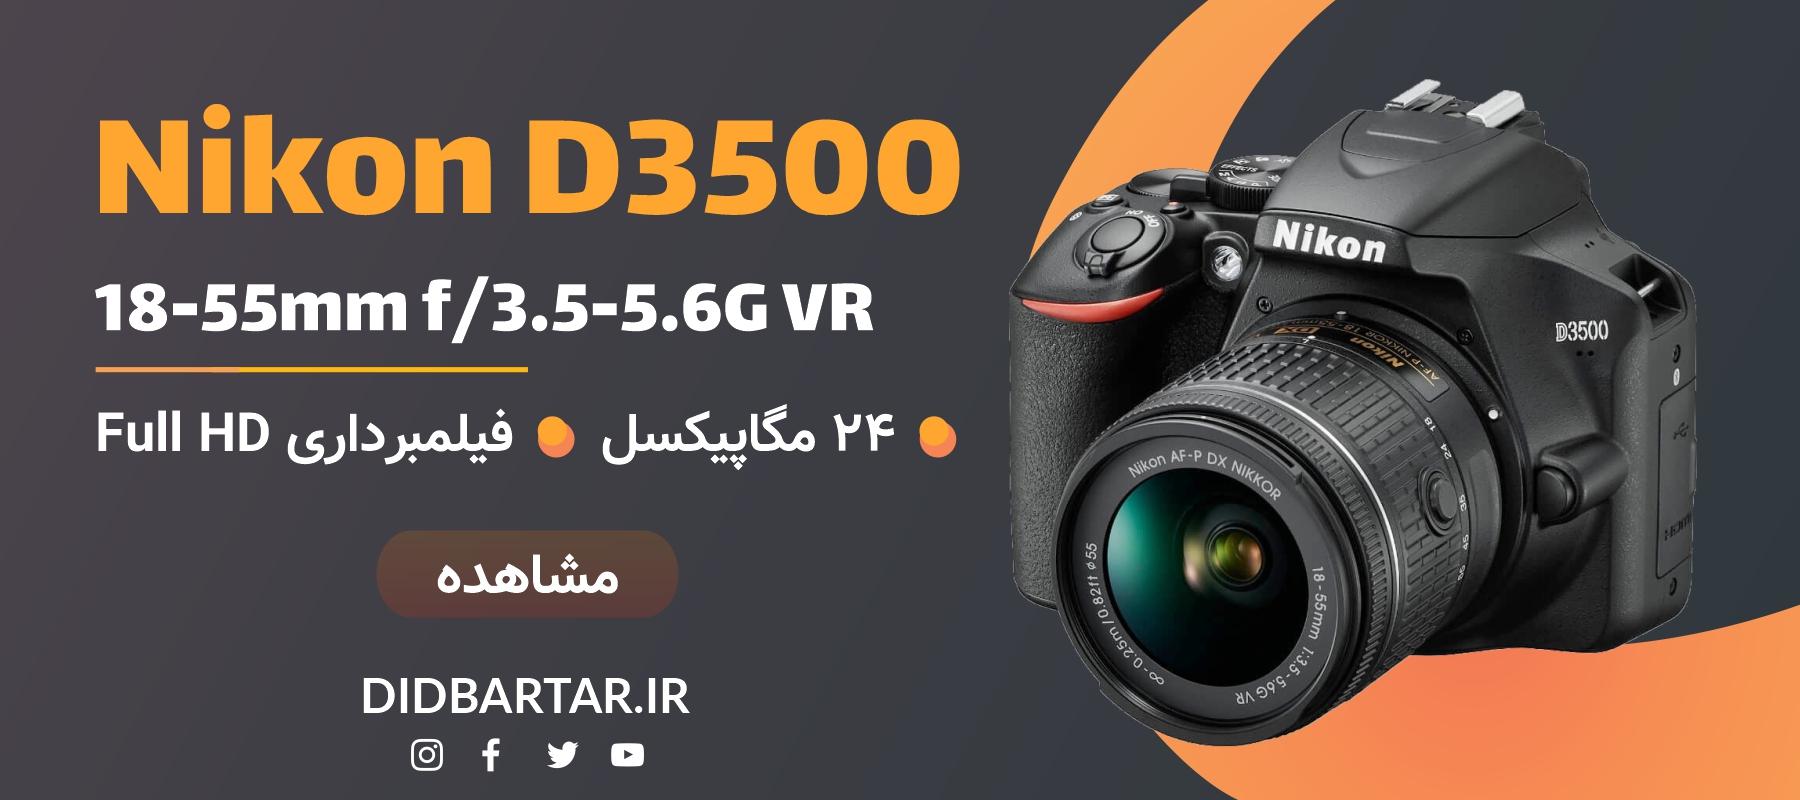 نیکون Nikon D3500 kit 18-55mm-VR f/3.5